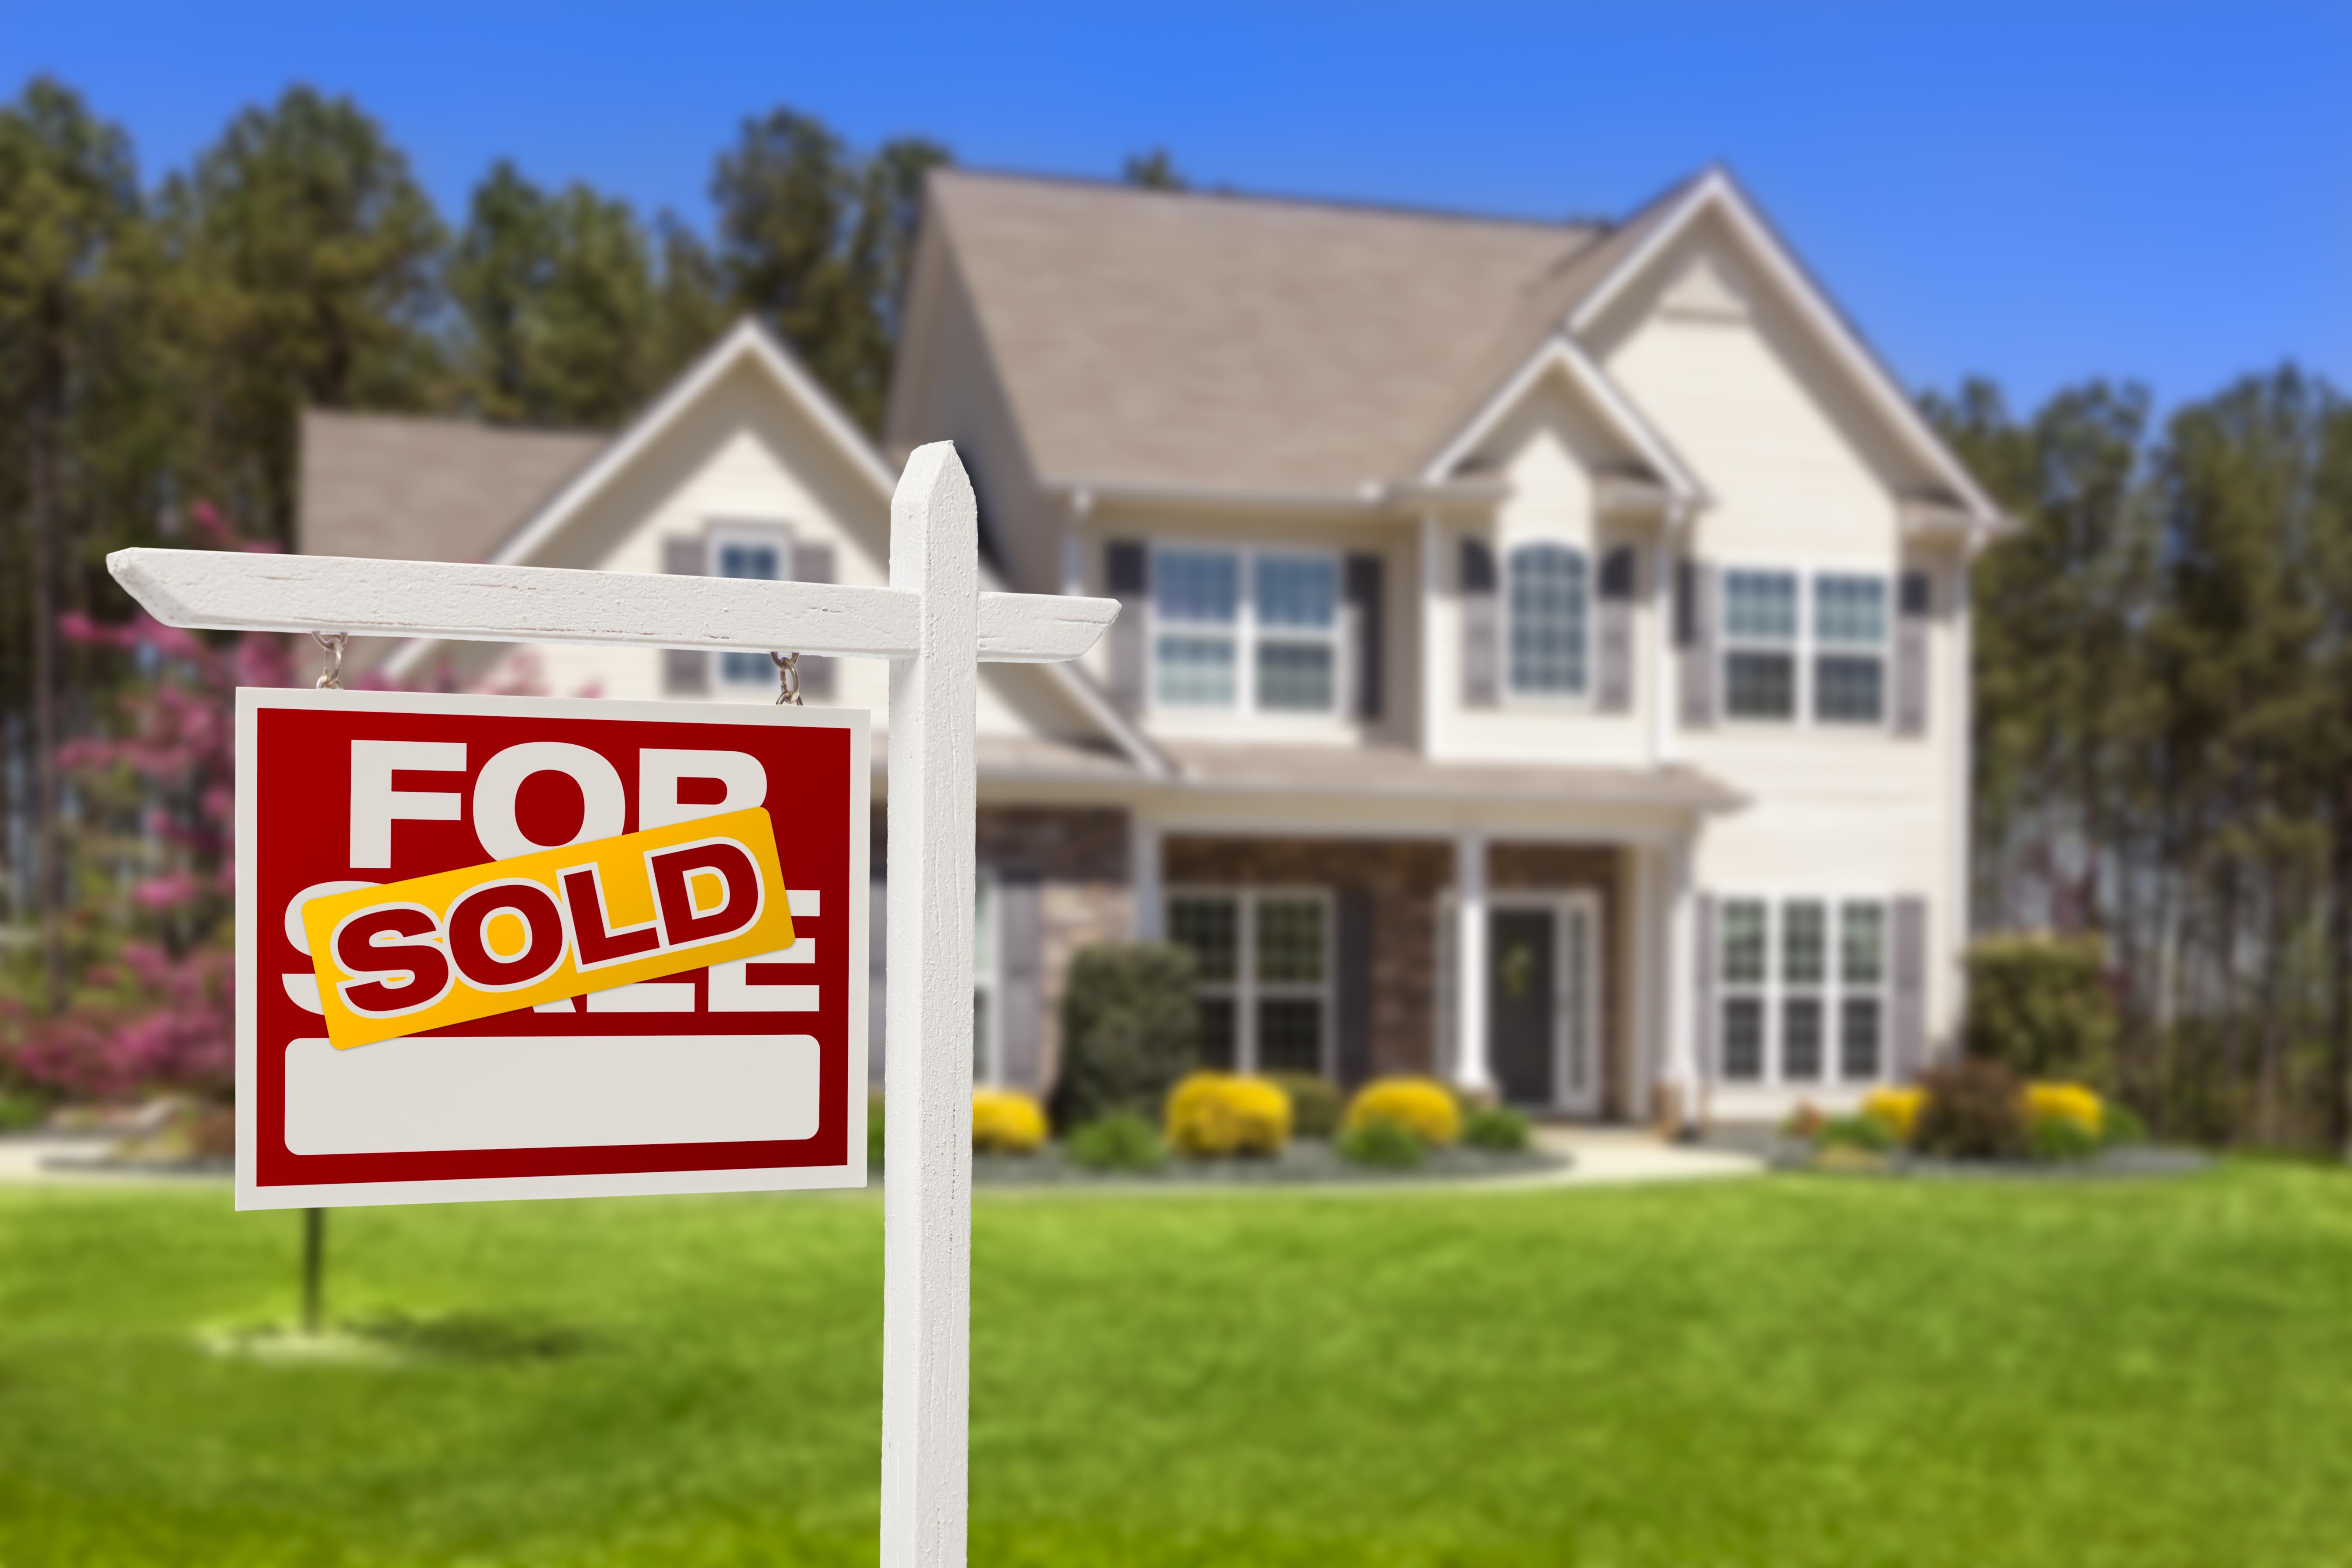 Homes For Sale in Tooele, Utah